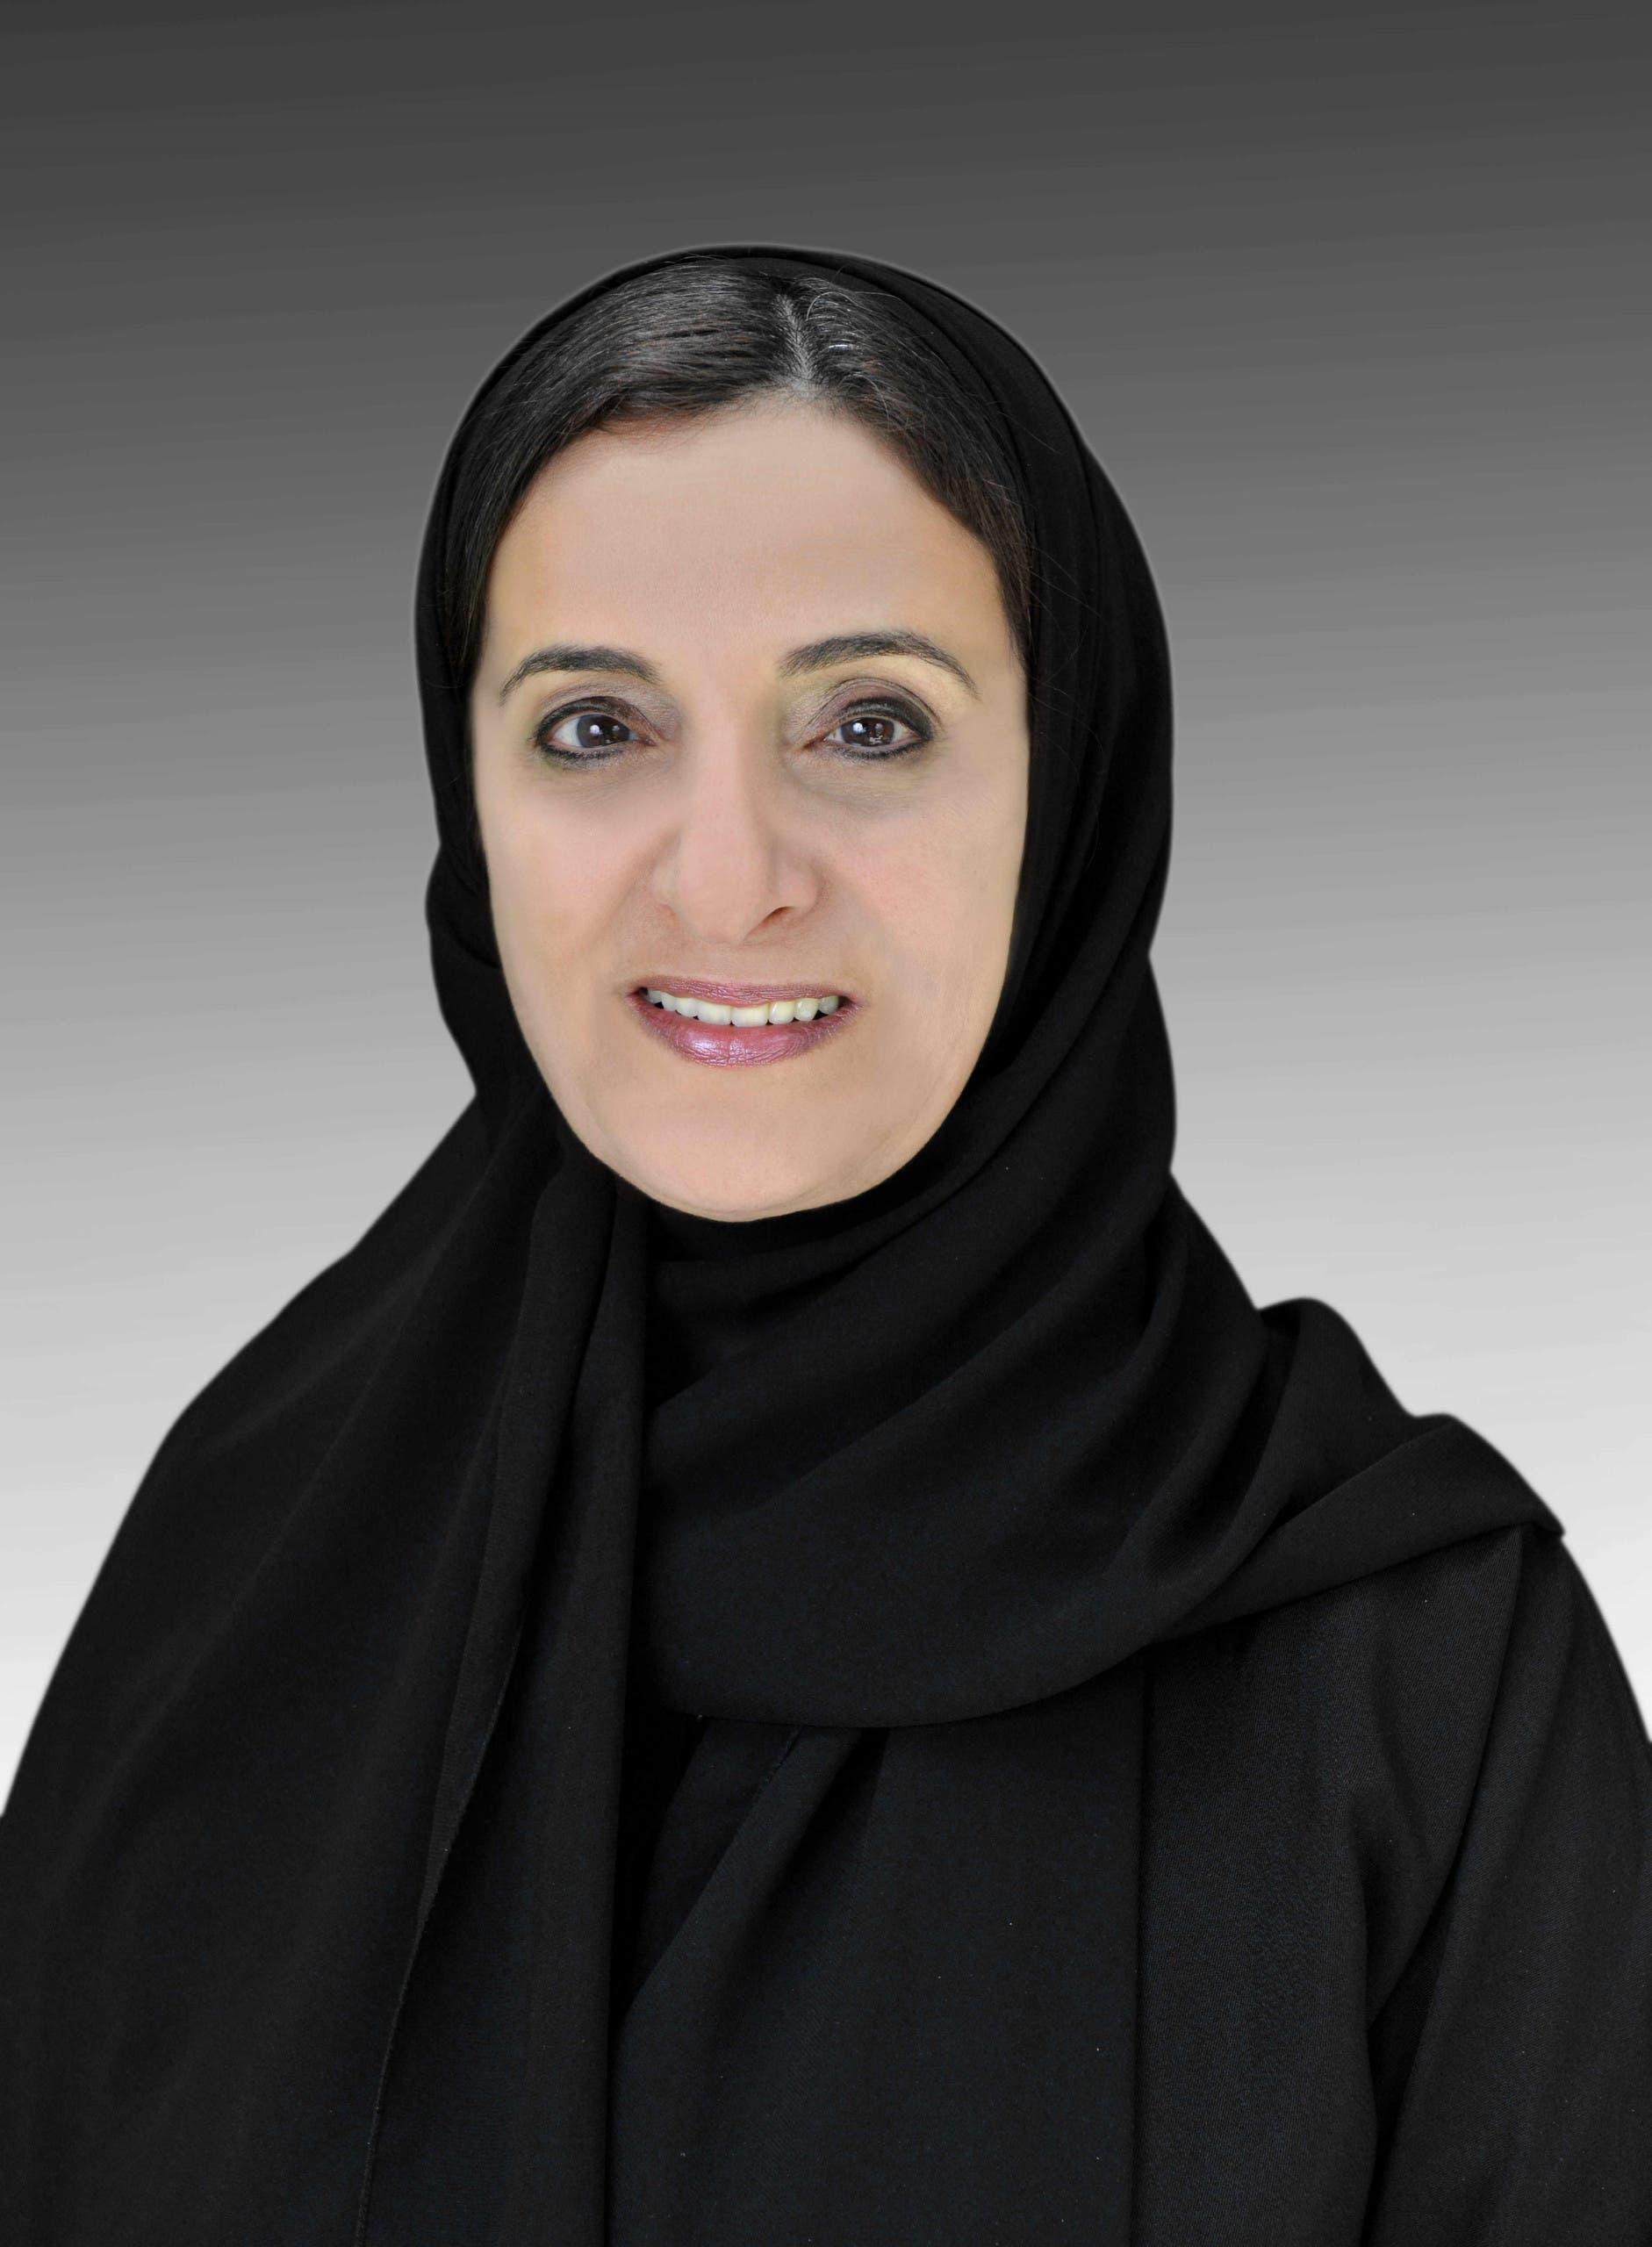 لبنى القاسمي وزيرة دولة للتسامح